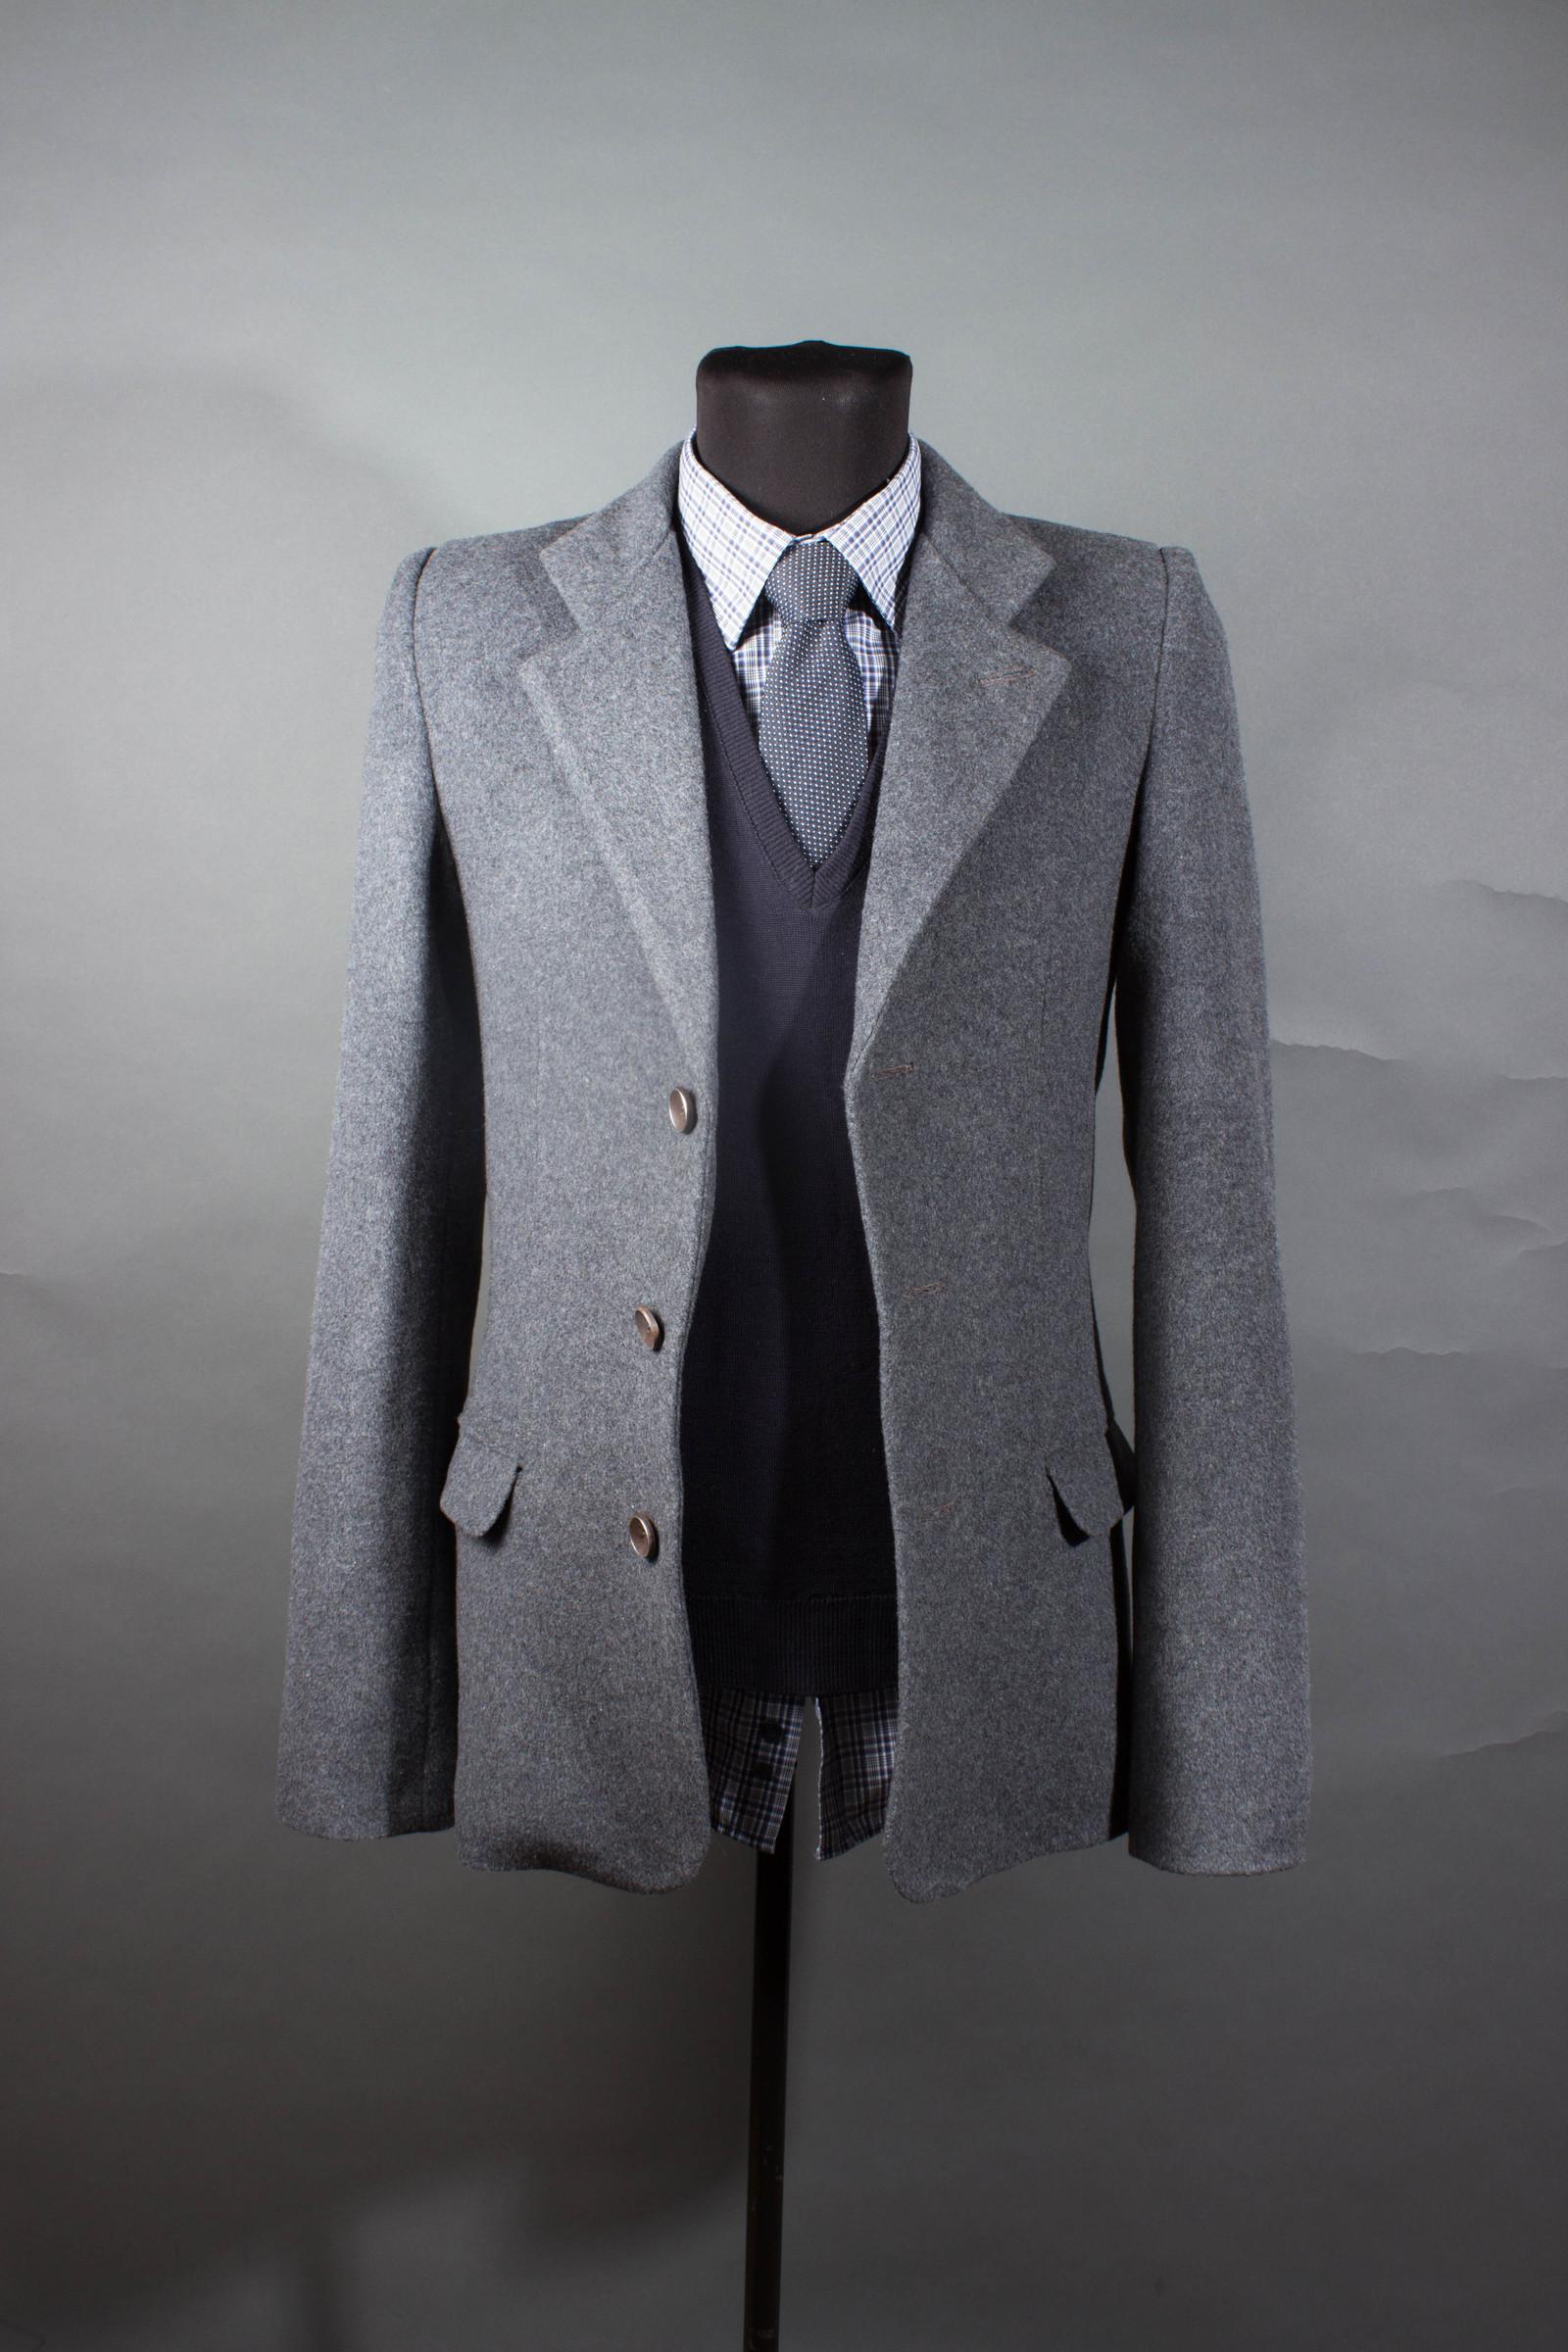 Подмостовье, Пиджак, Мужская одежда, Необычная одежда, Длиннопост, Одежда 25380950b27